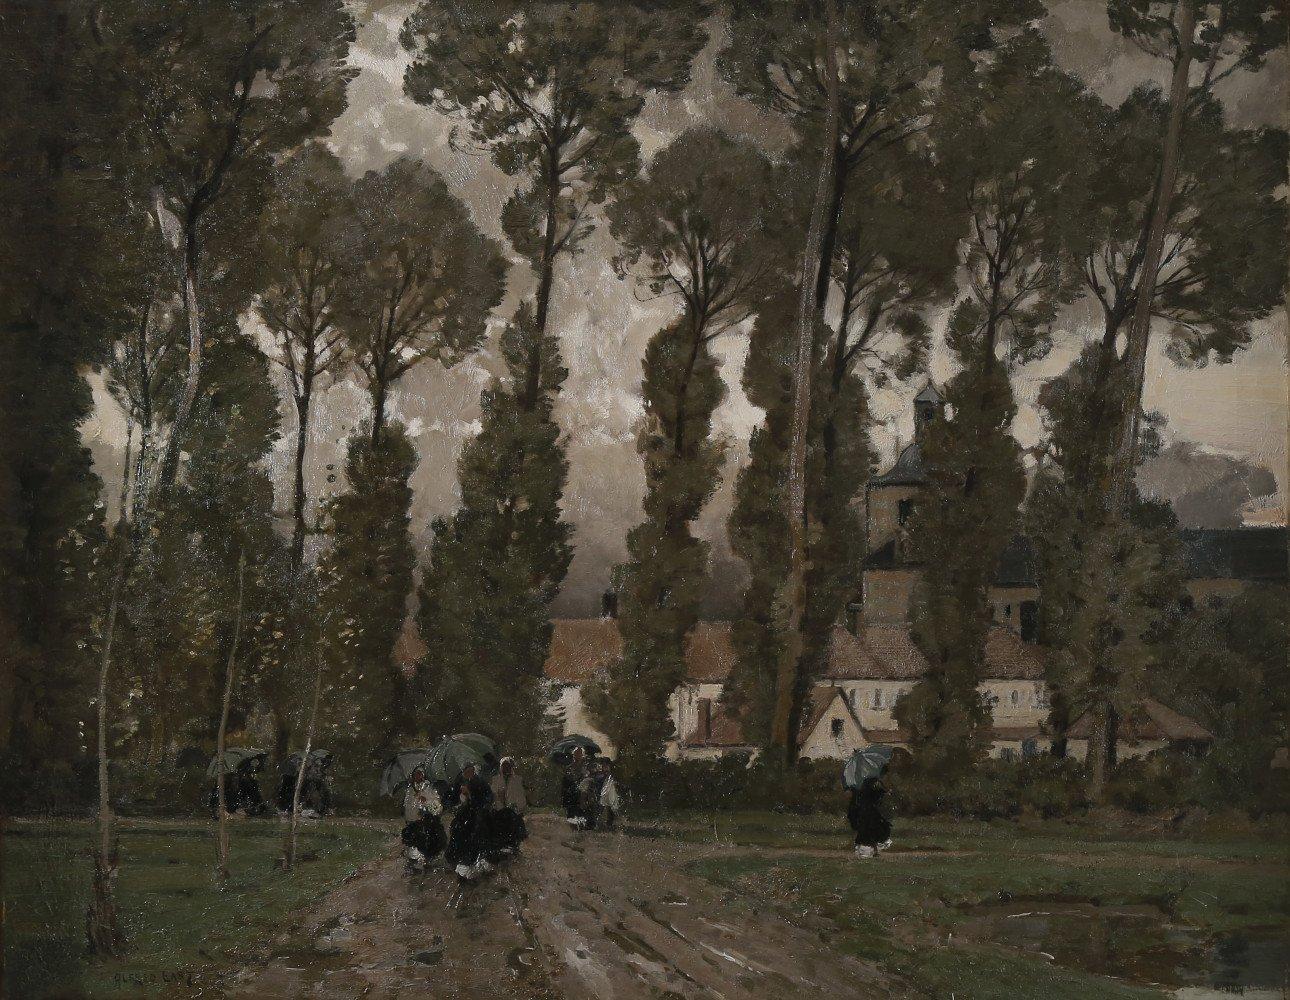 Rainy Walk Through an English Estate by Alfred Edward East